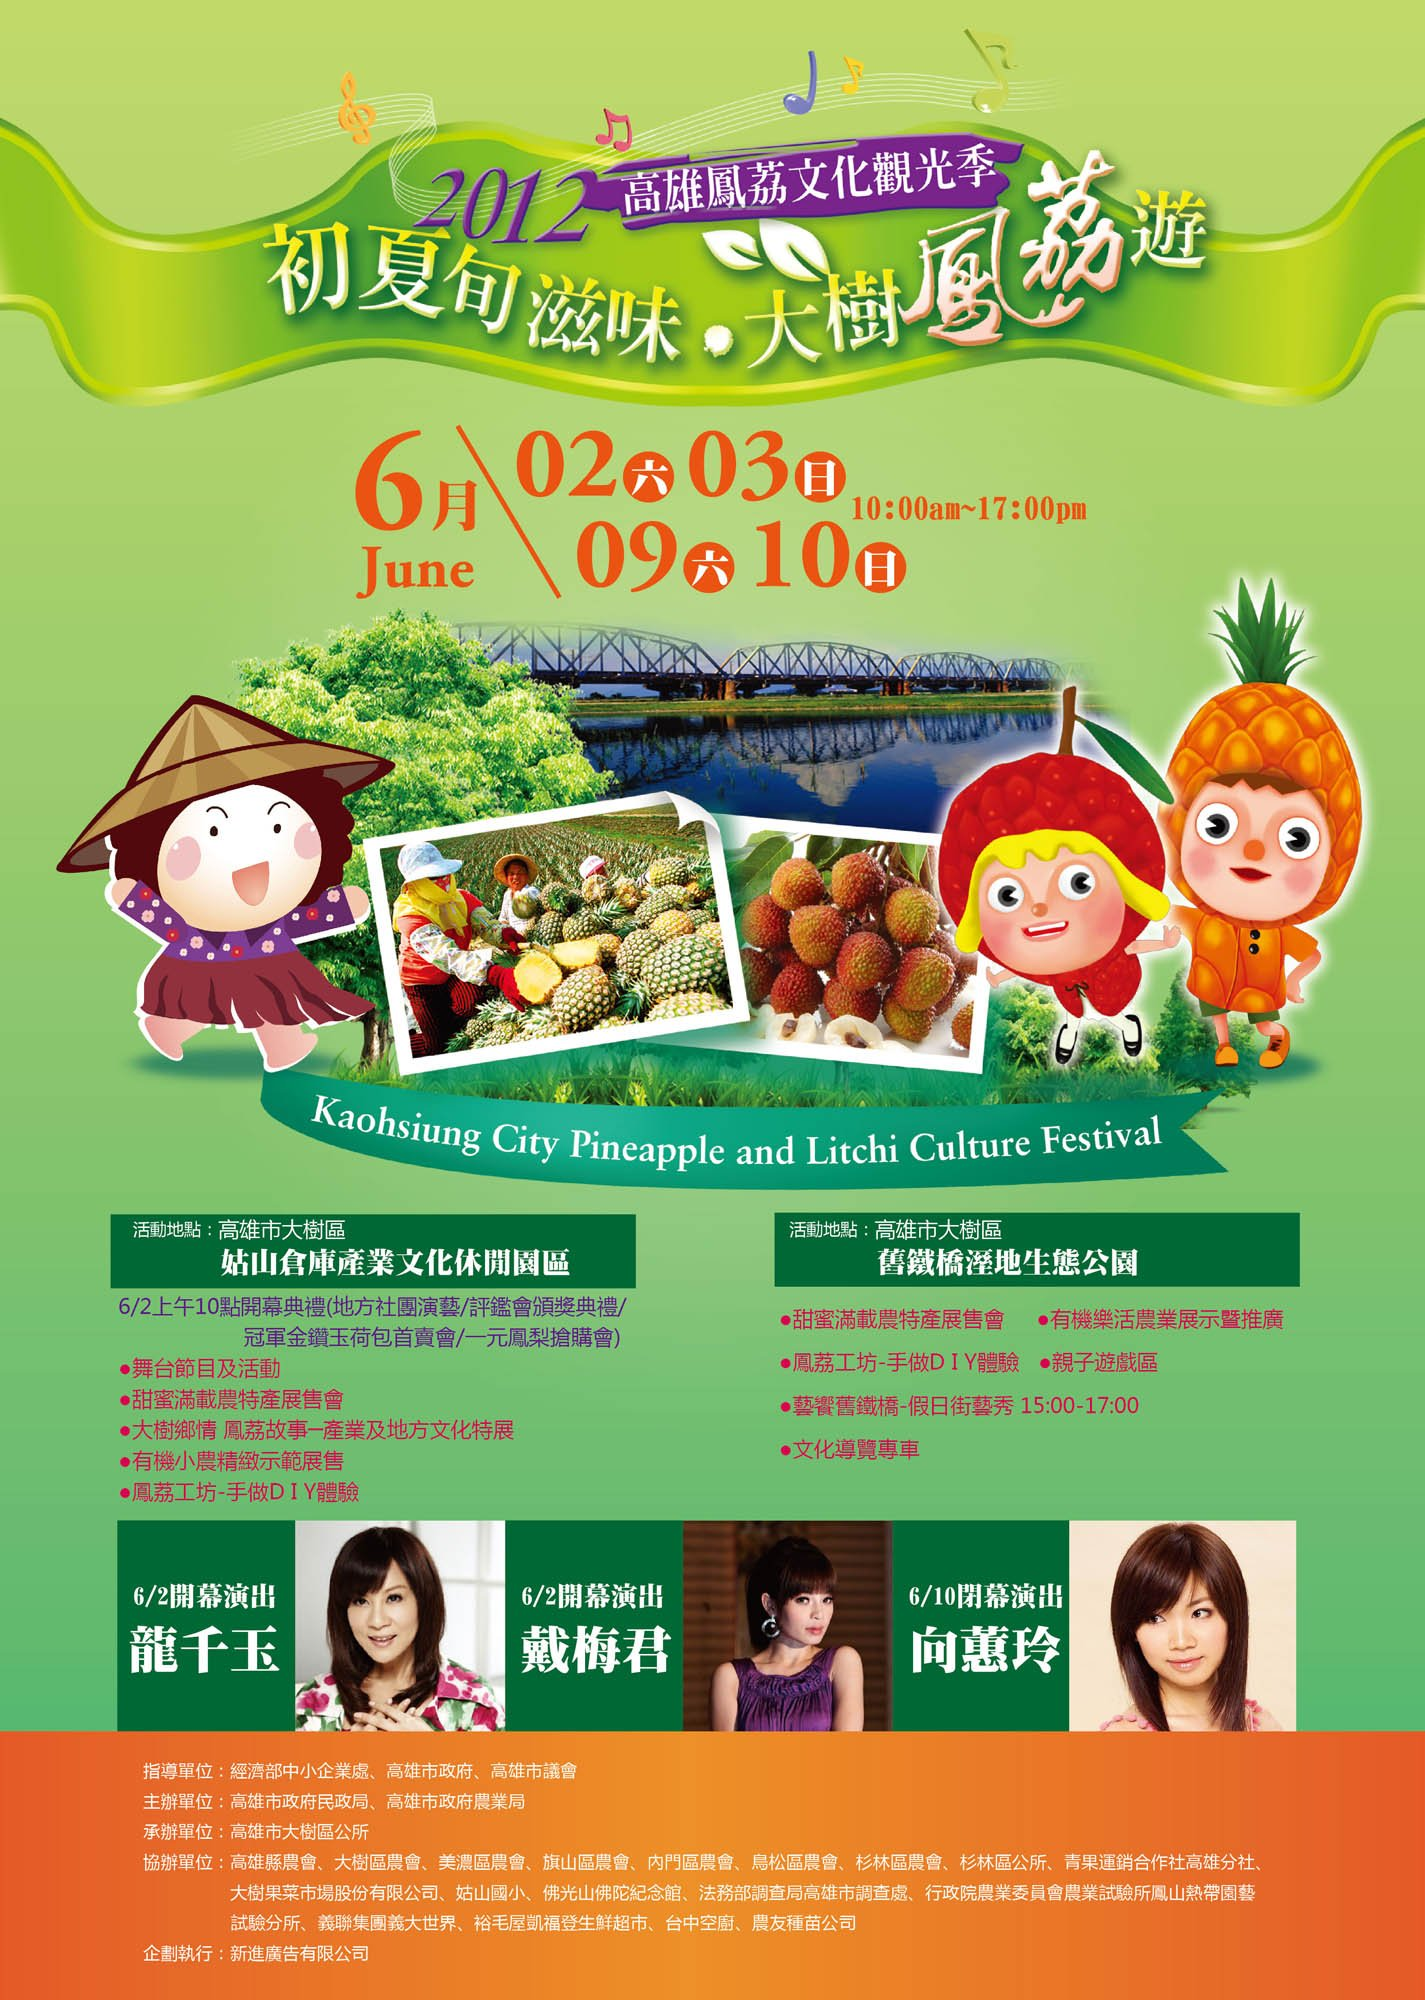 2012鳳荔文化觀光季